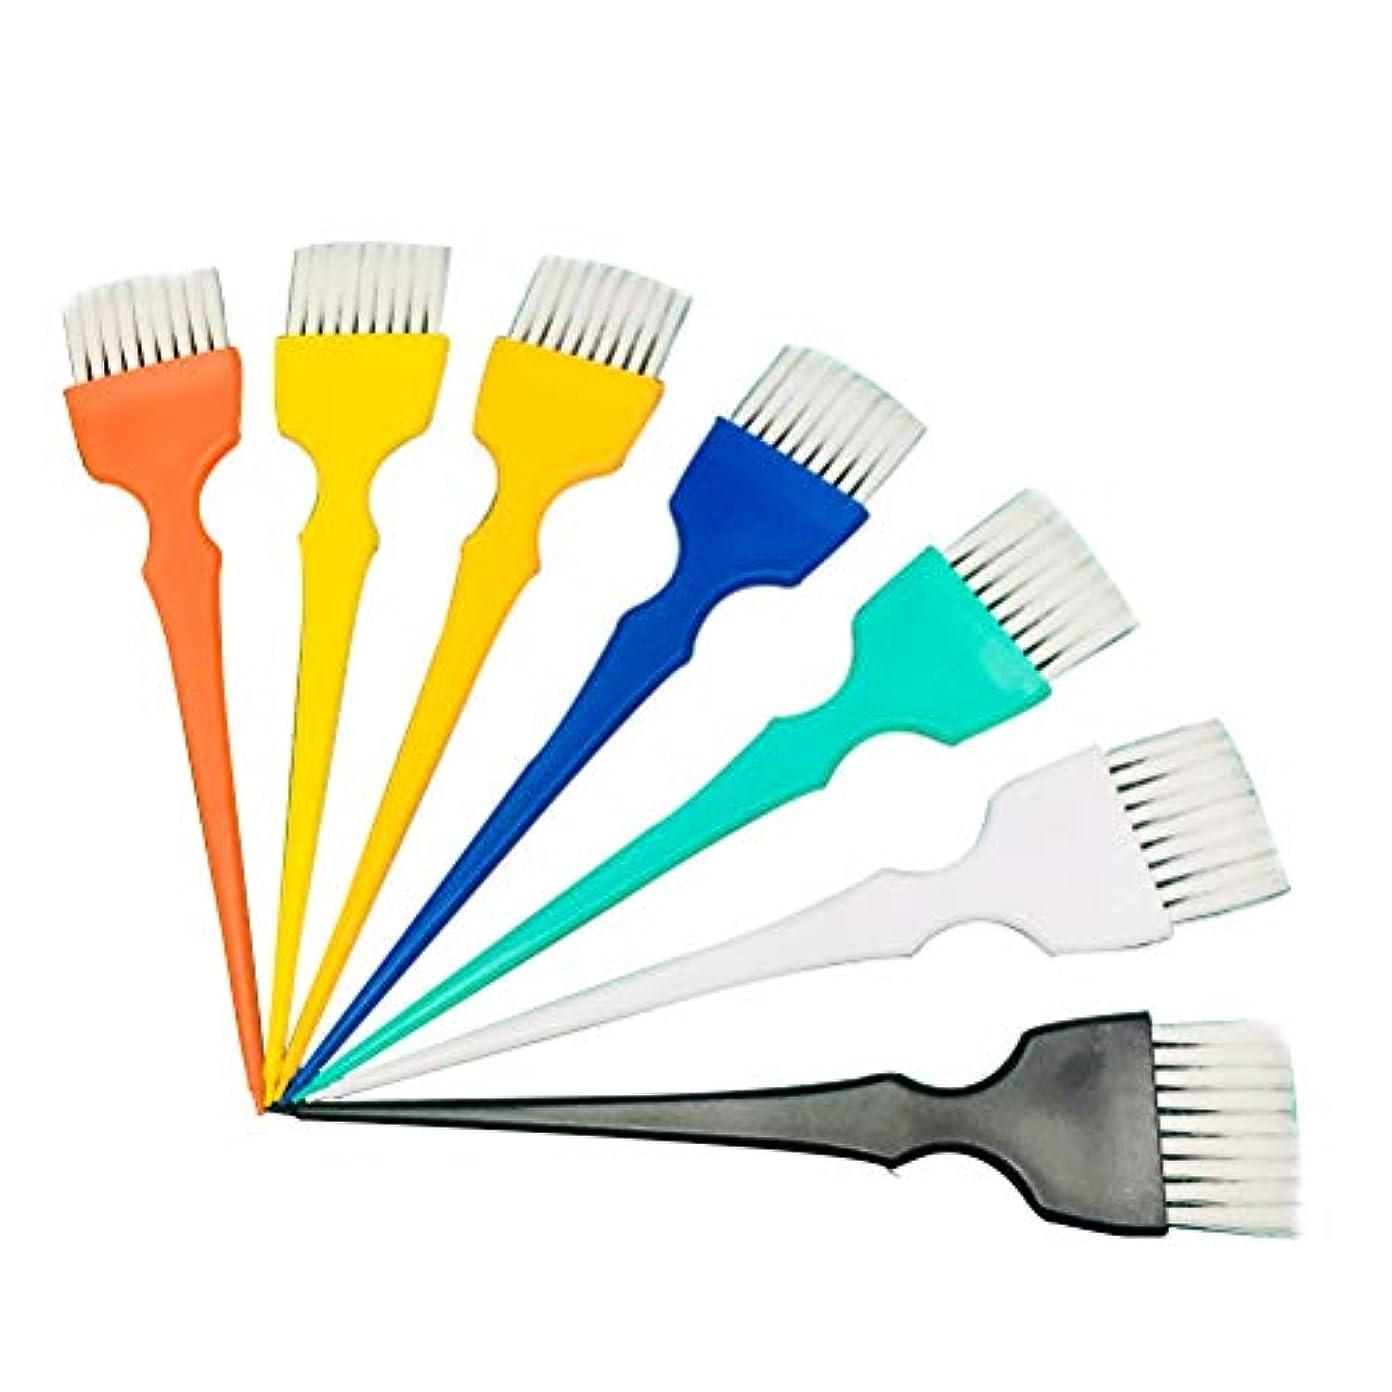 ストレスナチュラ顕現Beaupretty 7本染毛ブラシプラスチックソフトブラシヘアカラーブラシ美容院用(ランダムカラー)